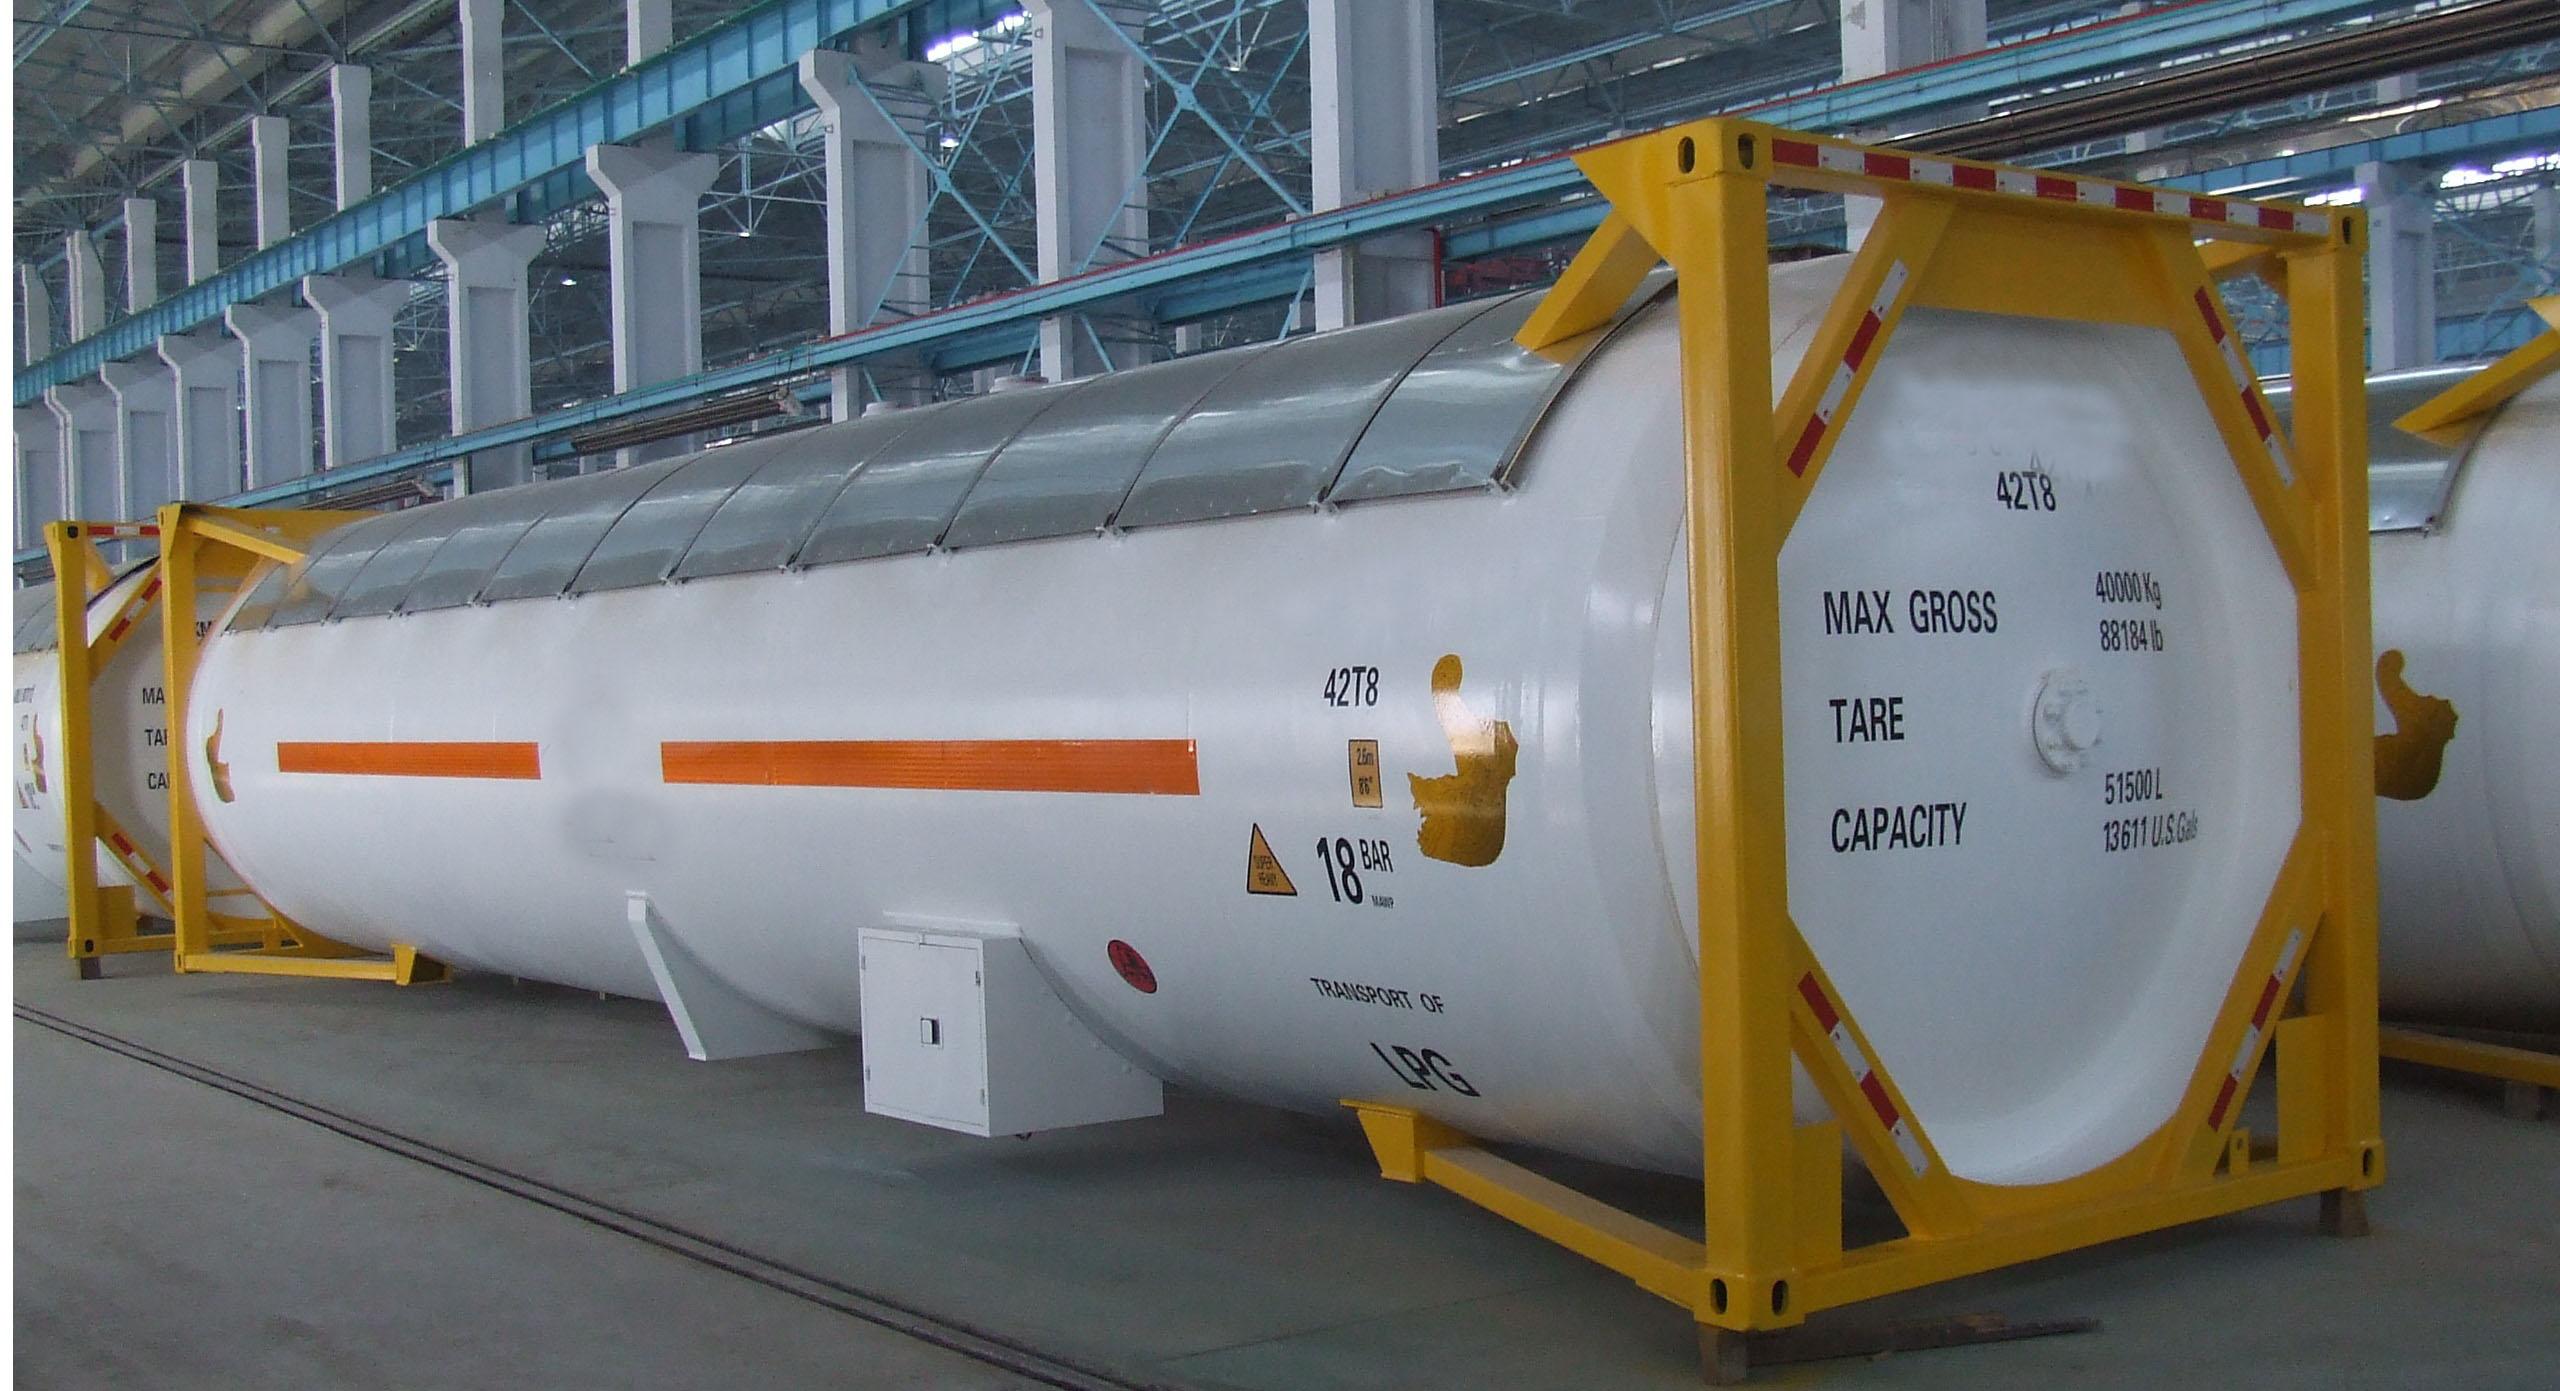 Танк-контейнер Т50 новый вместимостью 52 м3 для СУГ (LPG)